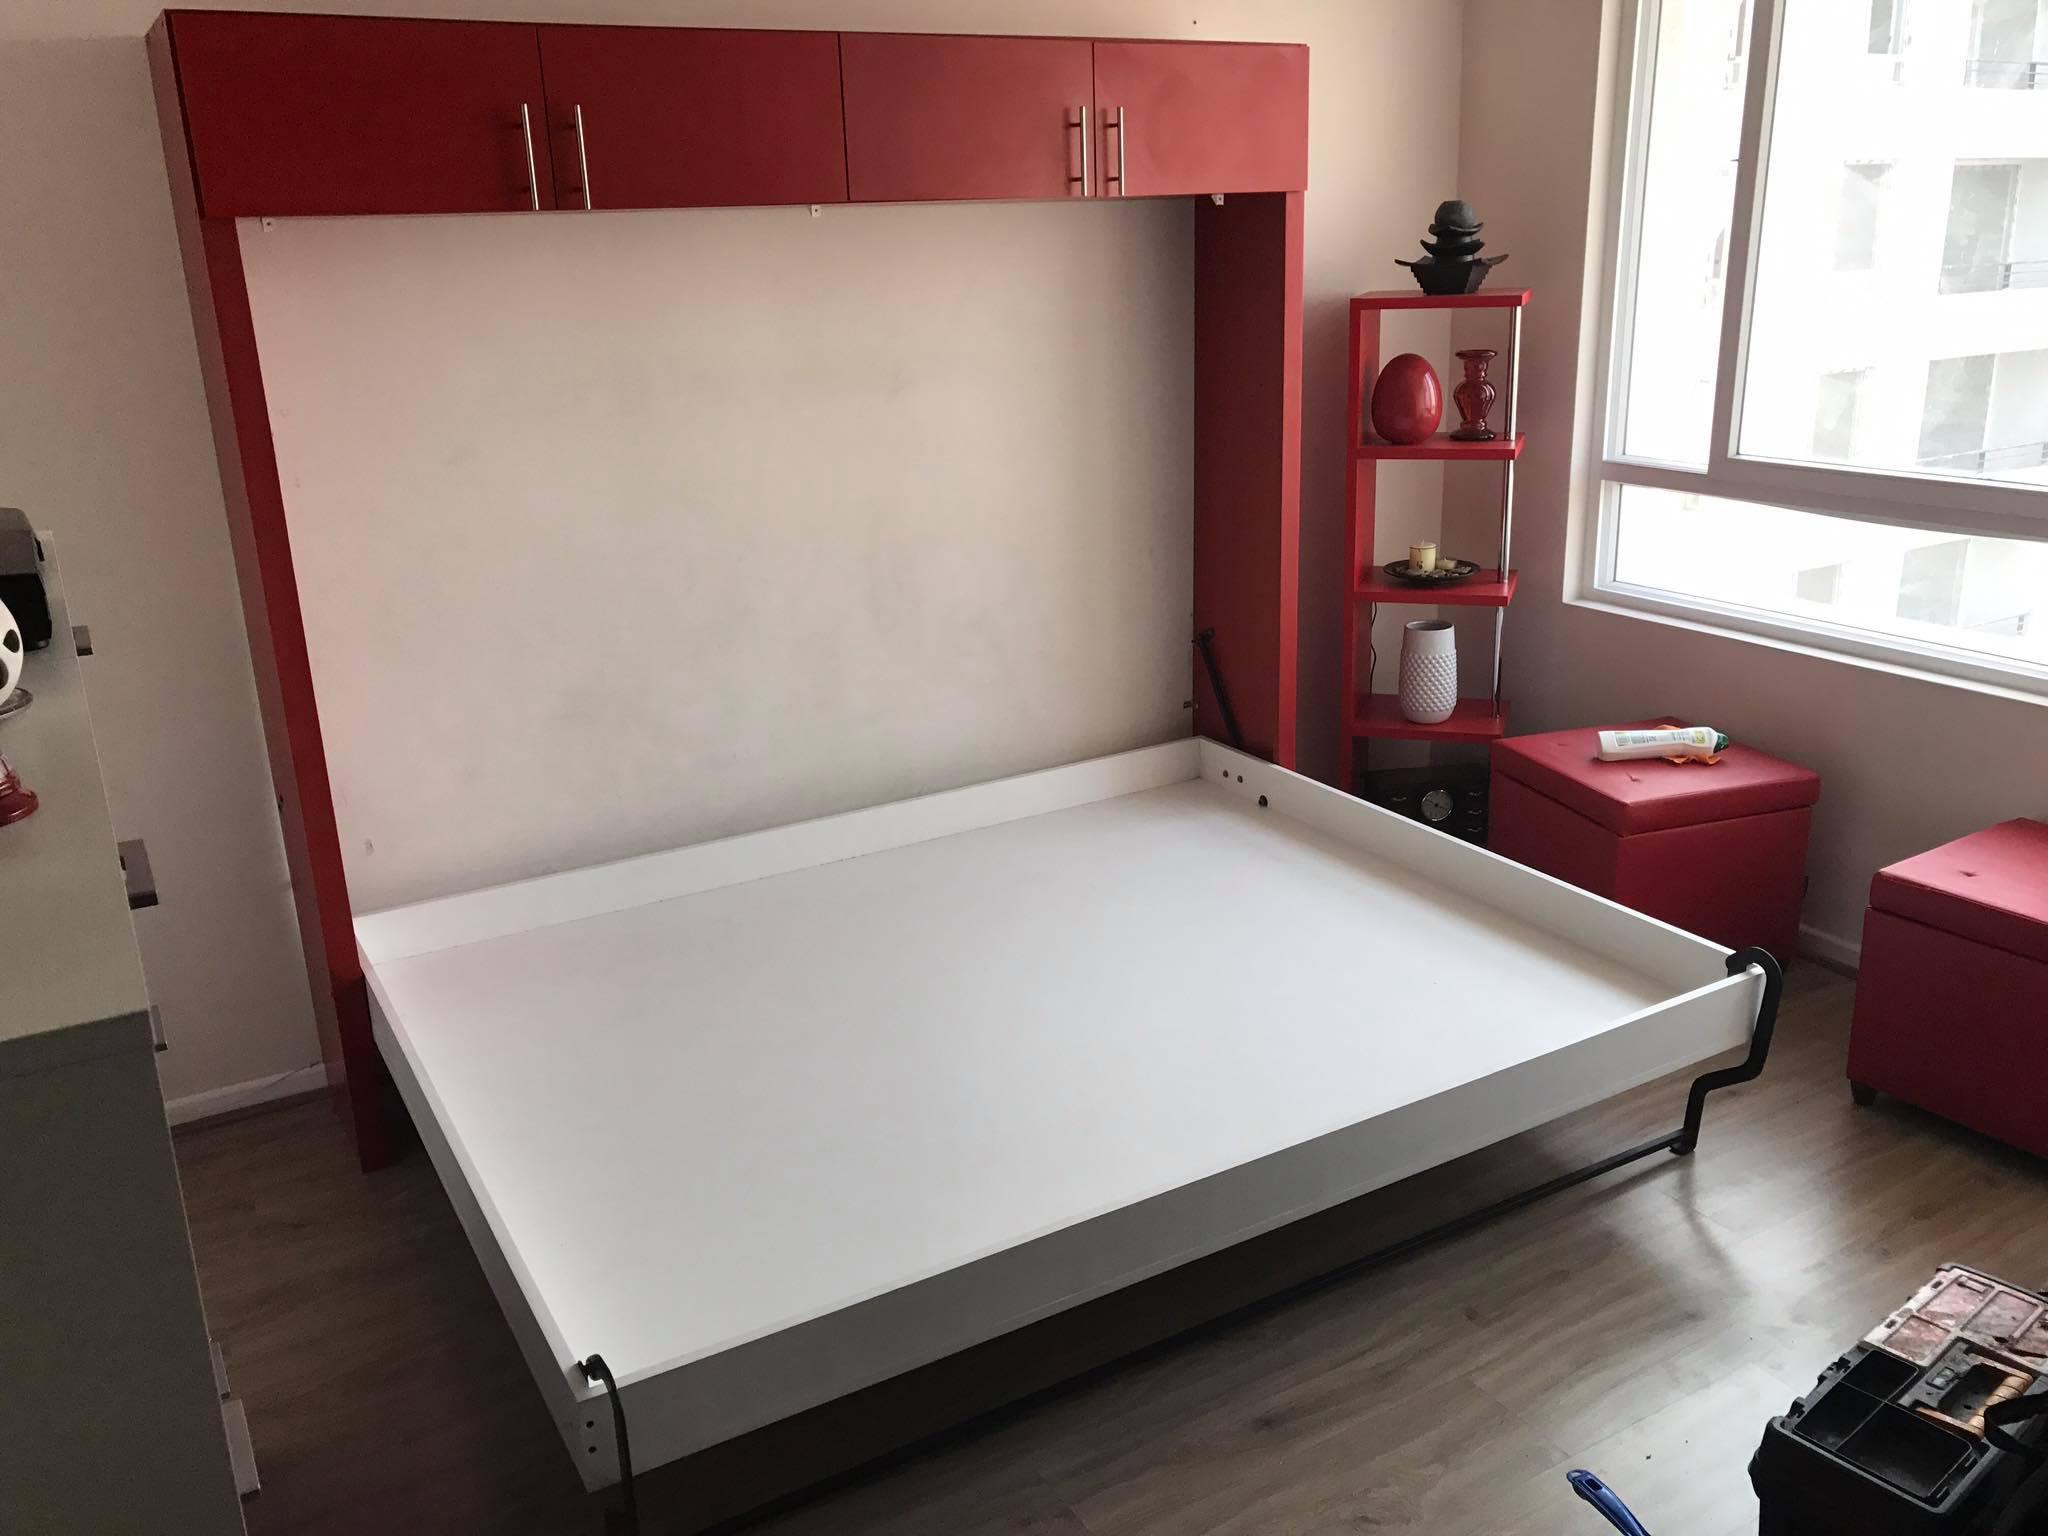 Kamasypetacas_camasplegables_dormitorio (195)